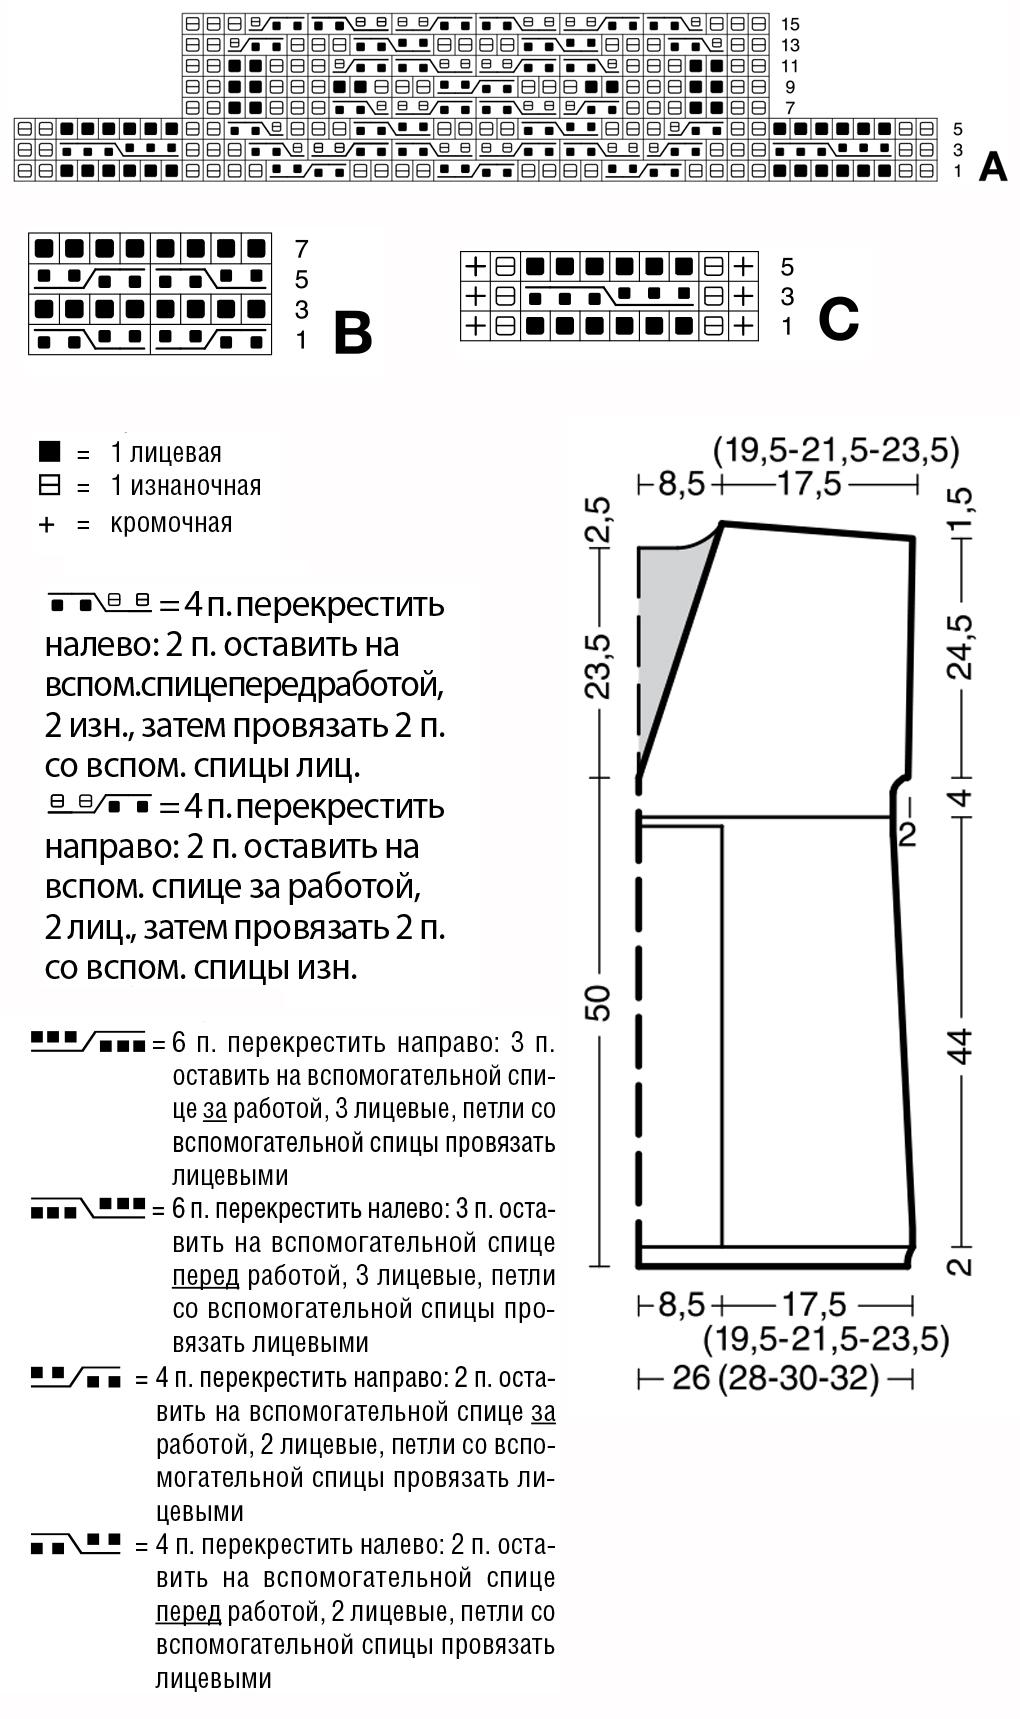 Вязаная туника с вырезом и узором из Аранов схема вязания выкройка условные обозначения